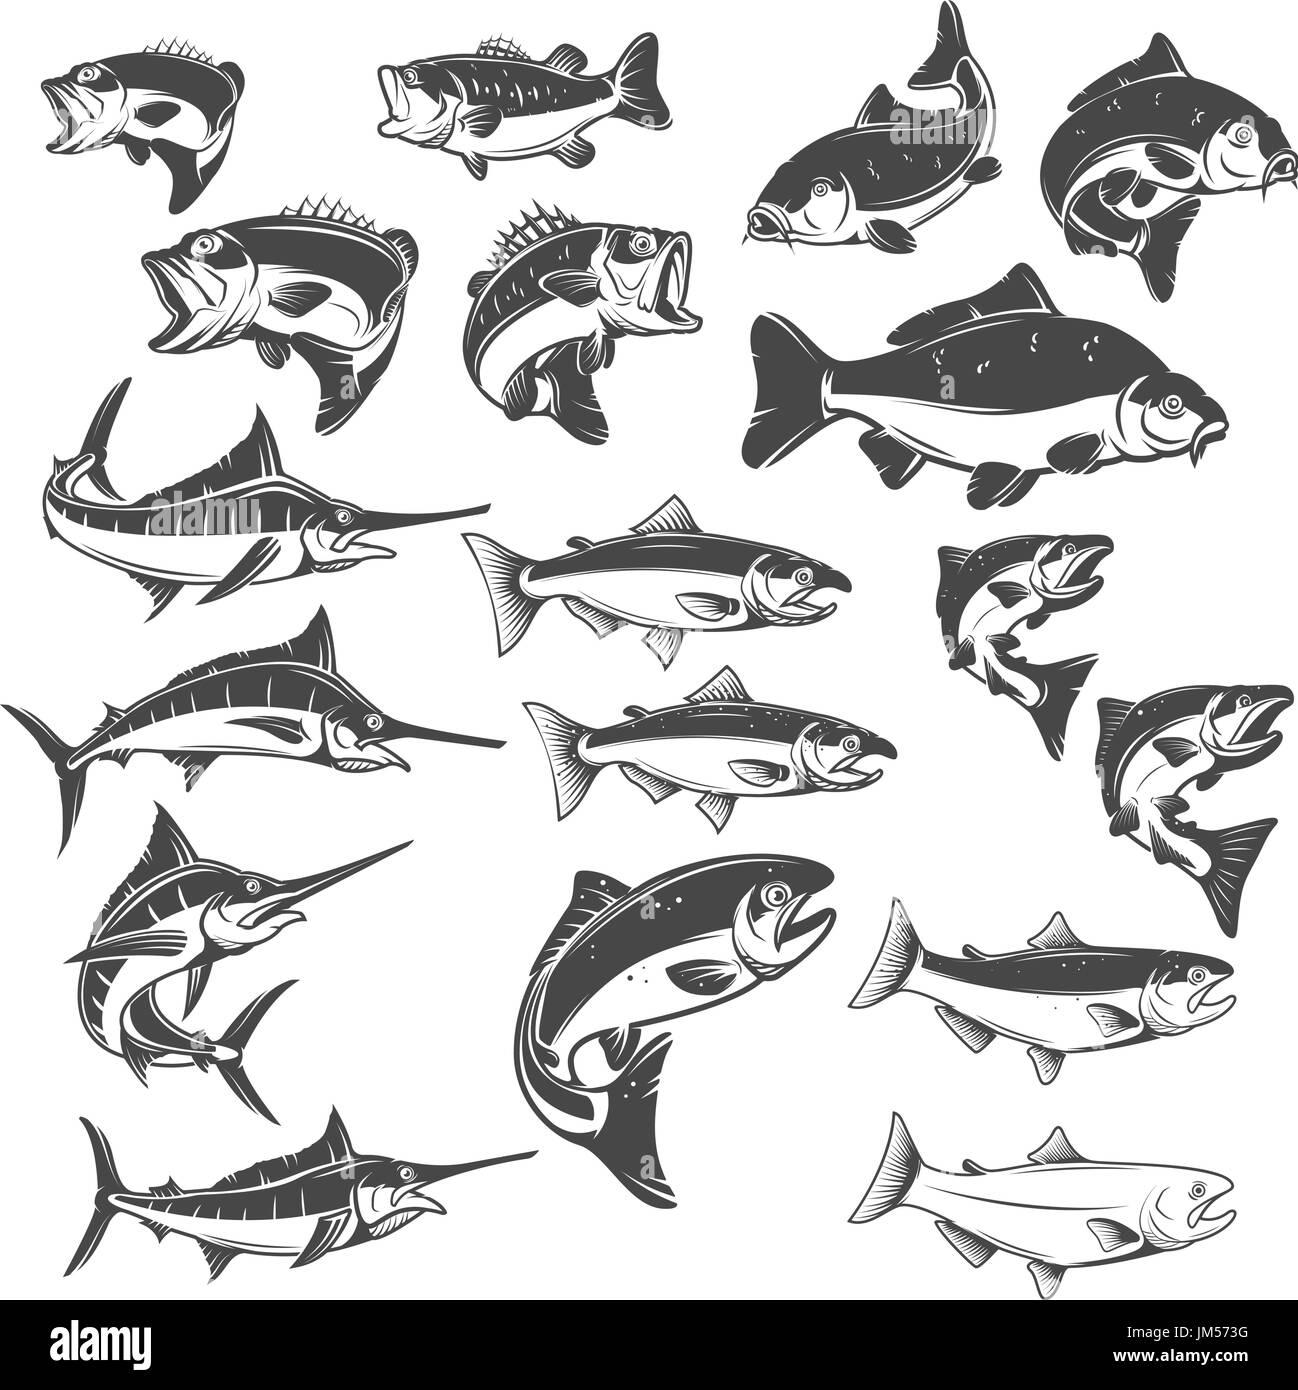 Fisch-Illustrationen auf weißem Hintergrund. Karpfen, Bass Fisch ...